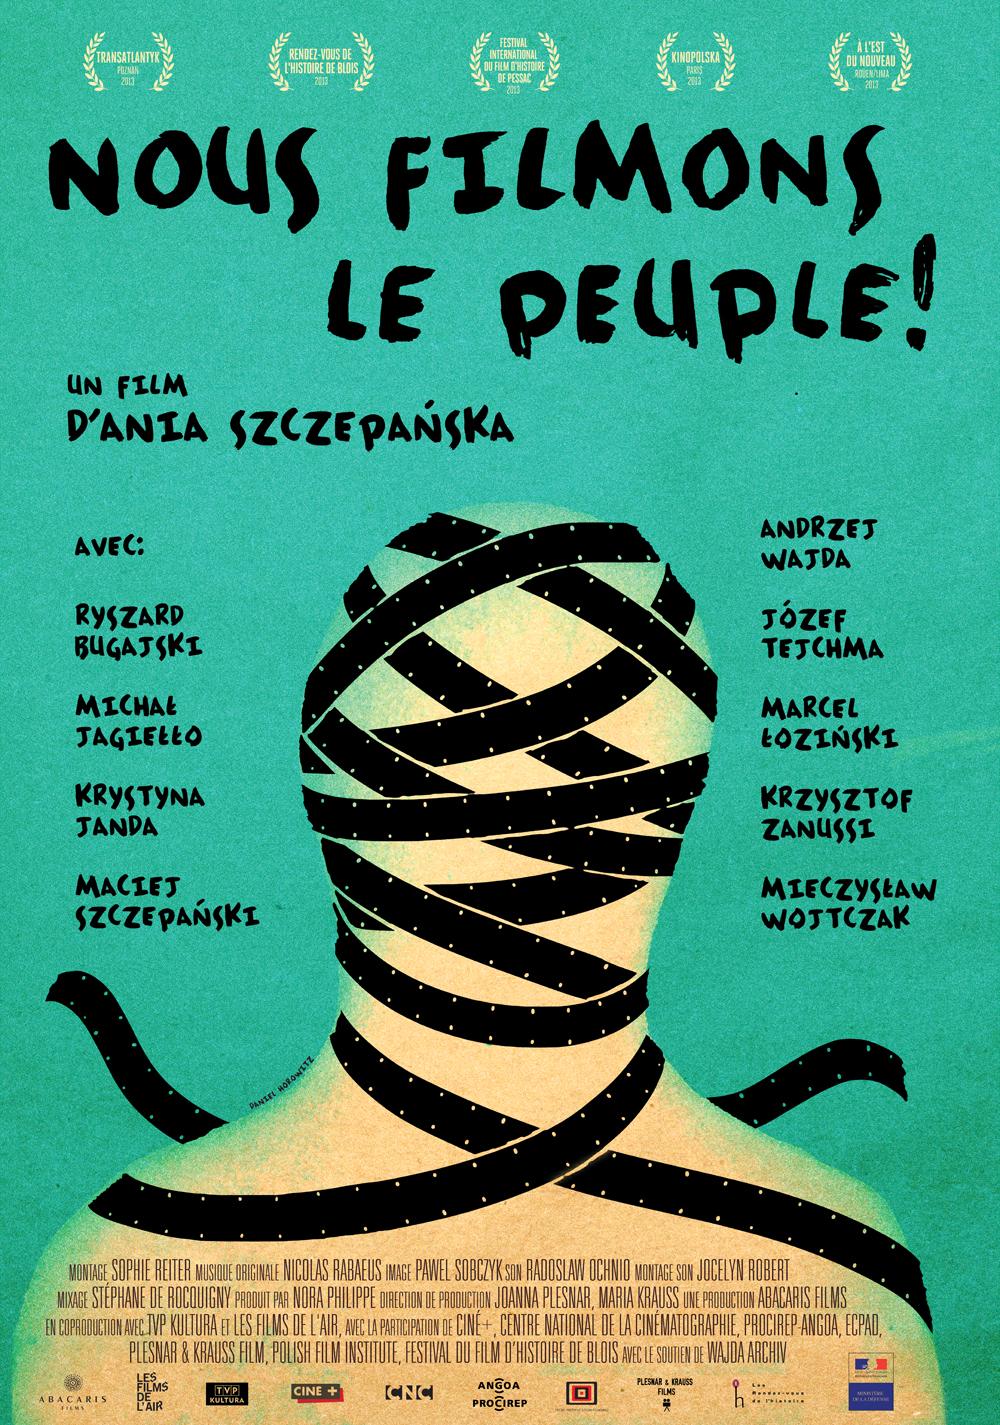 Nous Filmons Le Peuple! film poster,2013